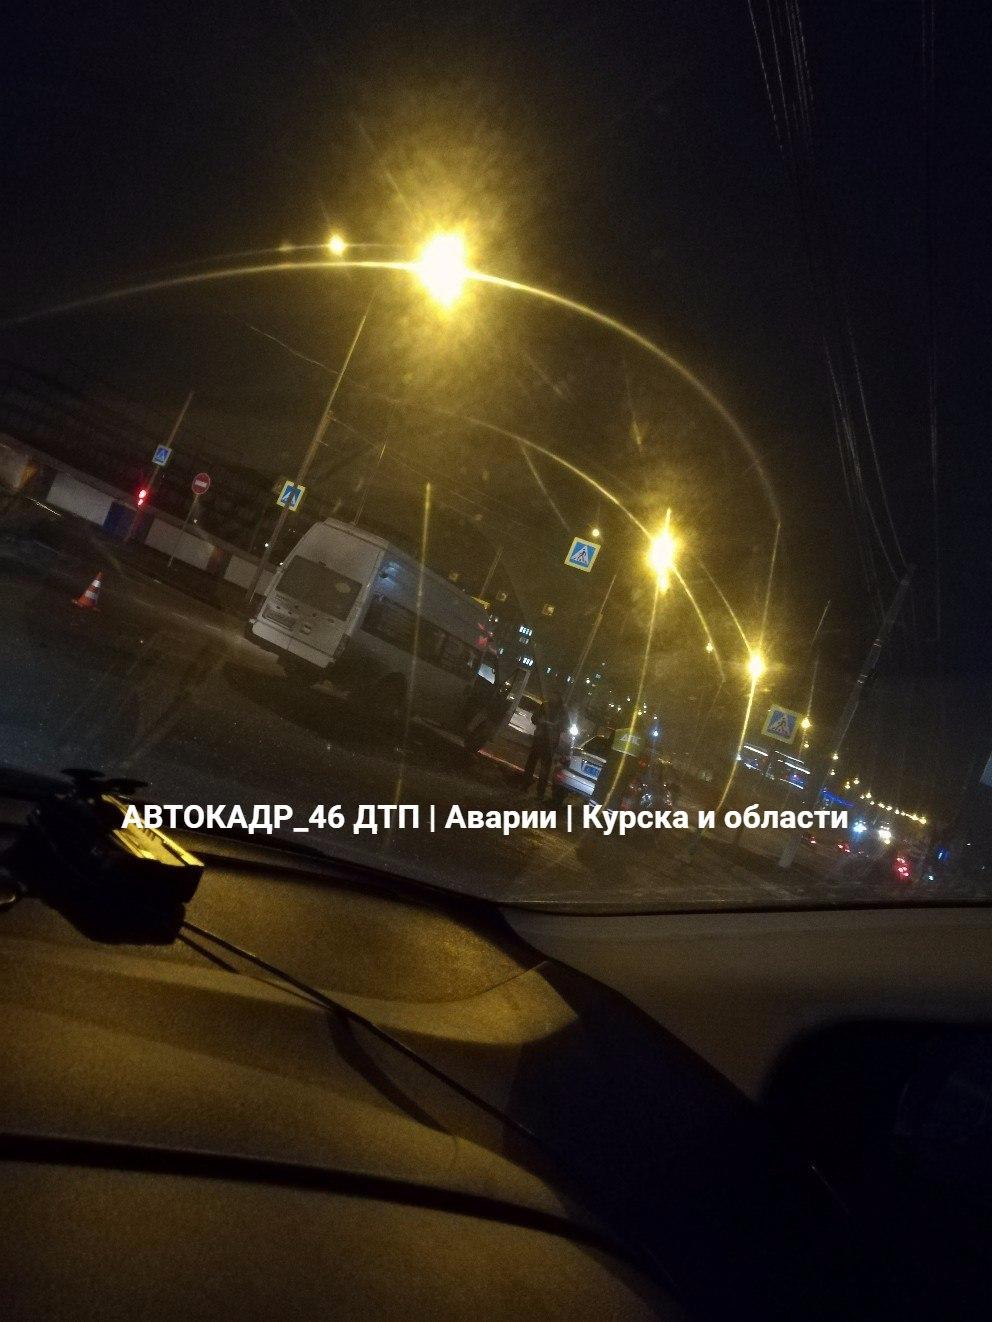 Казино вулкан Рыльск поставить приложение Казино новое вулкан Авитинск поставить приложение